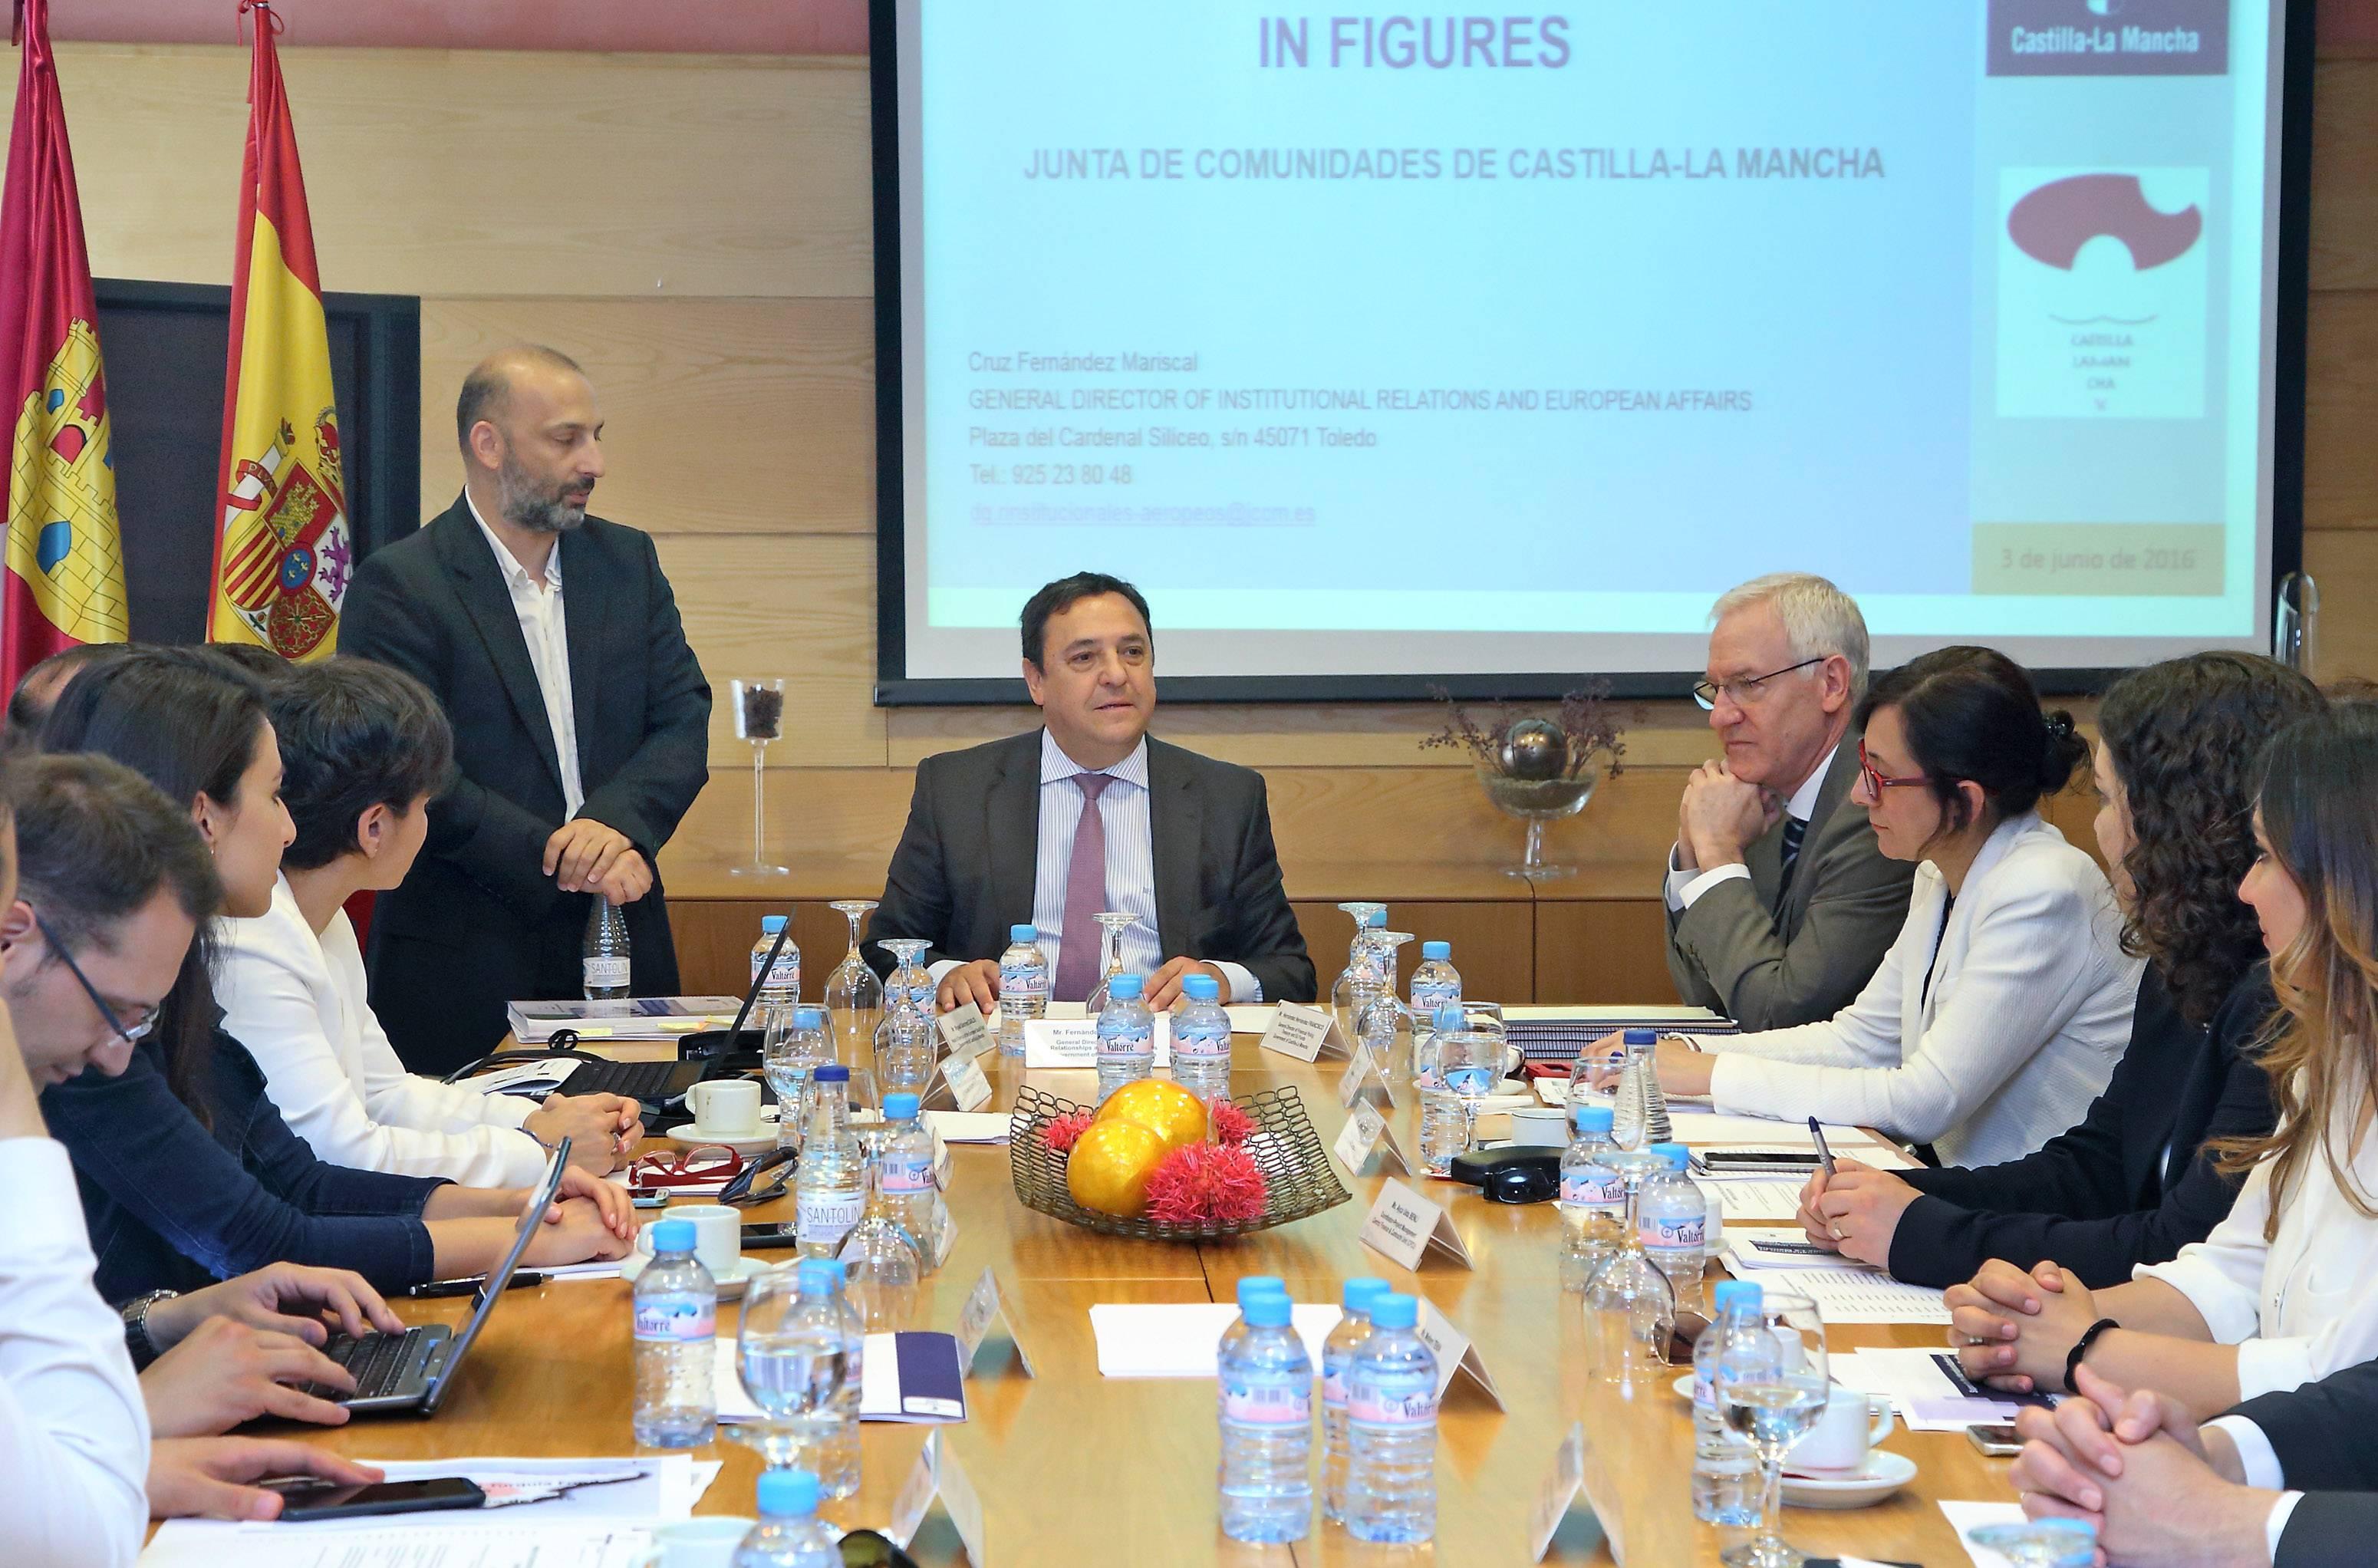 reunion sobre fondos europeos en castilla la mancha - Turquía interesada en gestión de fondos estructurales europeos de Castilla La-Mancha